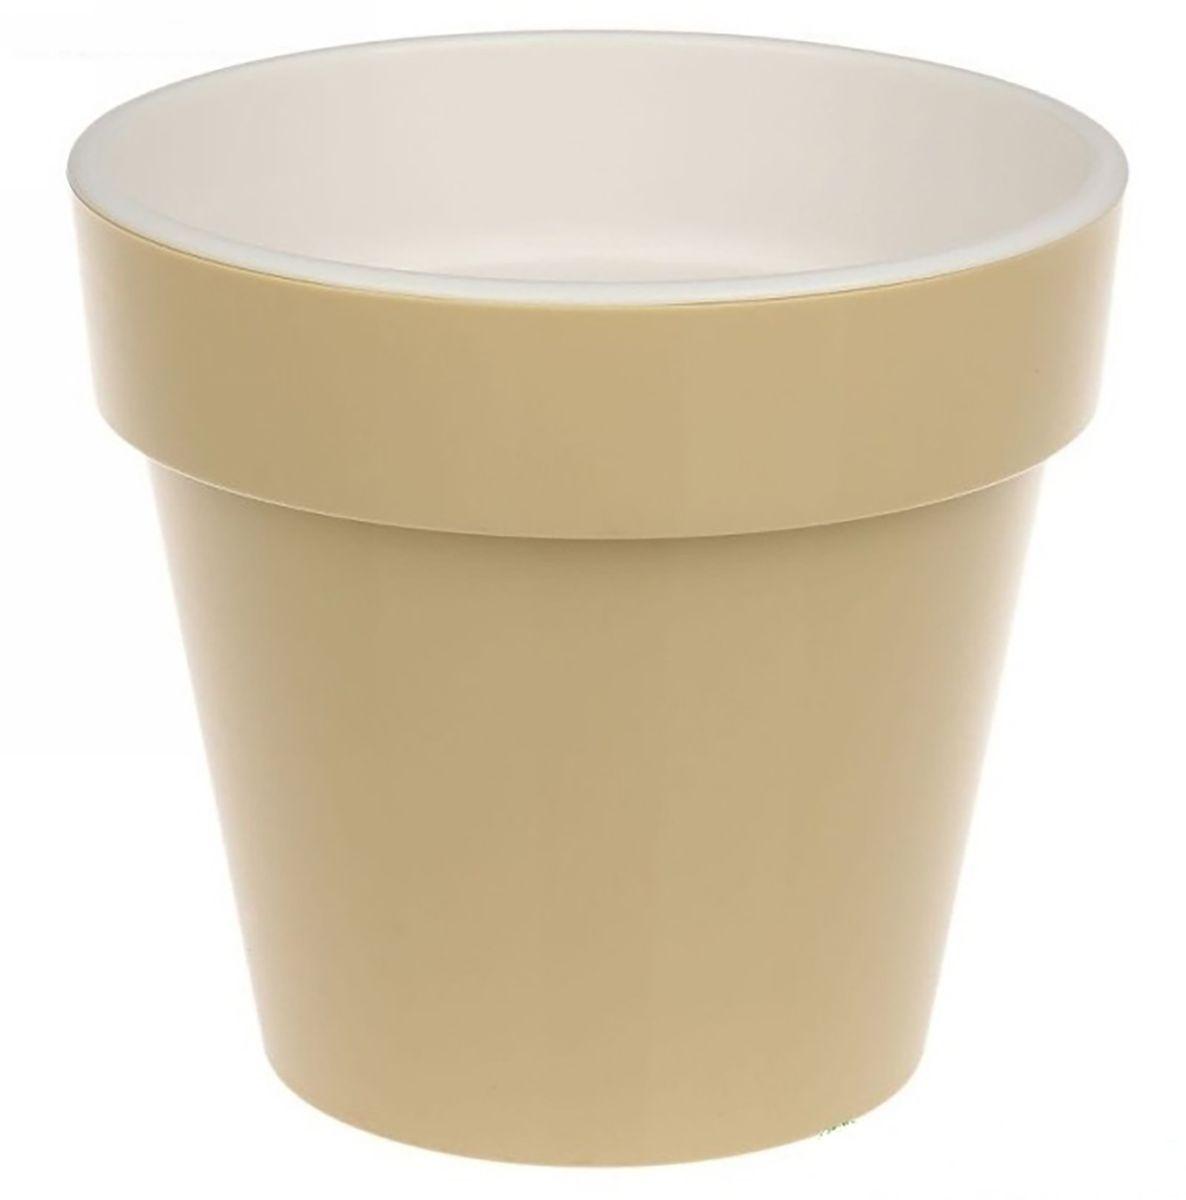 Кашпо JetPlast Порто, со вставкой, цвет: кремовый, 9 л4612754053025Кашпо Порто классической формы с внутренней вставкой-горшком. Дренажная вставка позволяет легко поливать растения без использования дополнительного поддона. Вместительный объем кашпо позволяет высаживать самые разнообразные растения, а съемная вставка избавит вас от грязи и подчеркнет красоту цветка. Оно изготовлено из прочного полипропилена (пластика). Такое кашпо порадует вас функциональностью, а благодаря лаконичному дизайну впишется в любой интерьер помещения. Объем кашпо: 9 л.